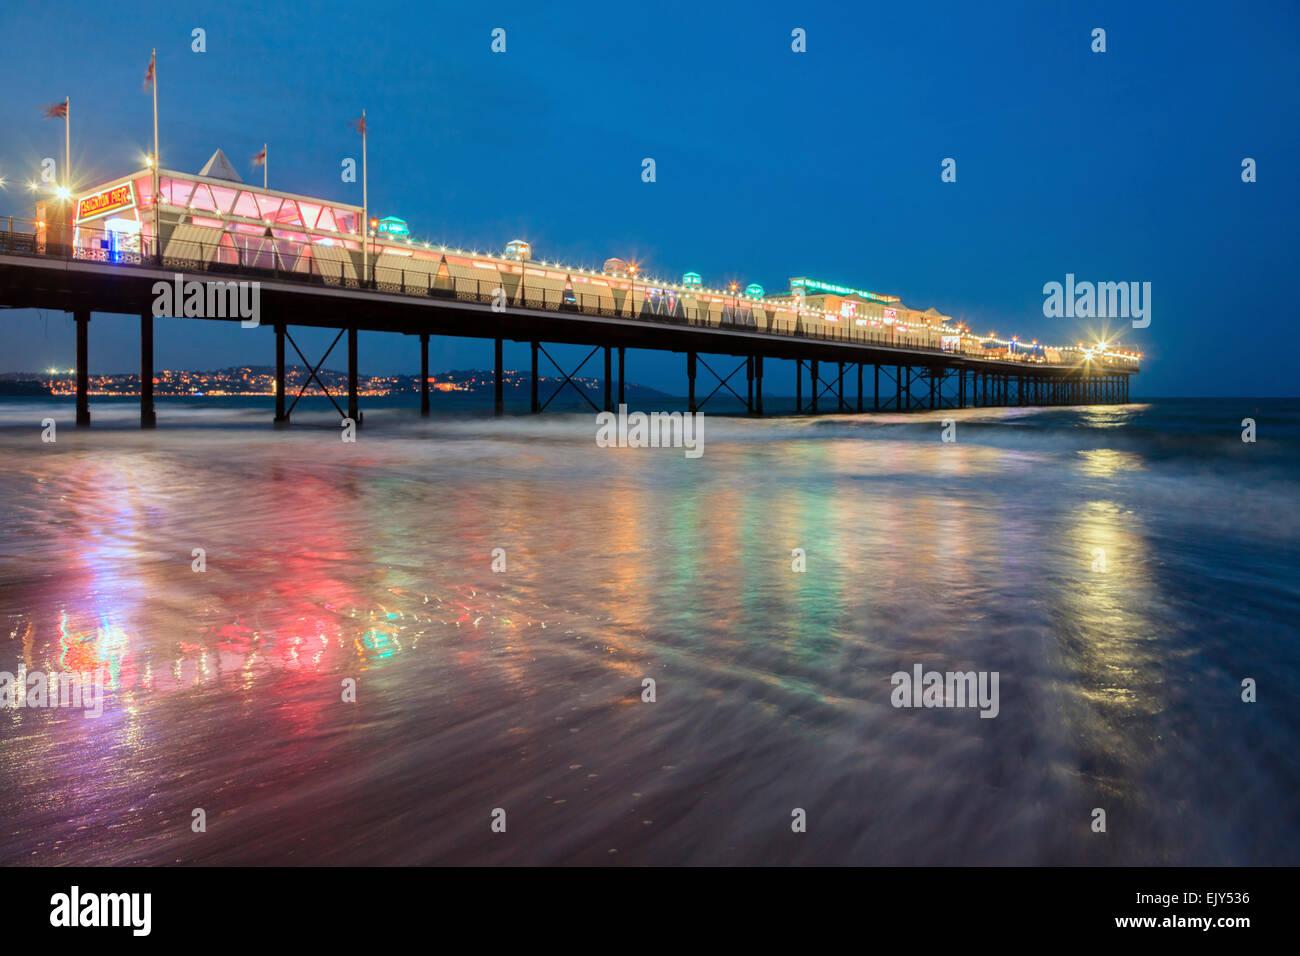 Paignton Pier à Torbay, capturés pendant les heures du crépuscule. Photo Stock